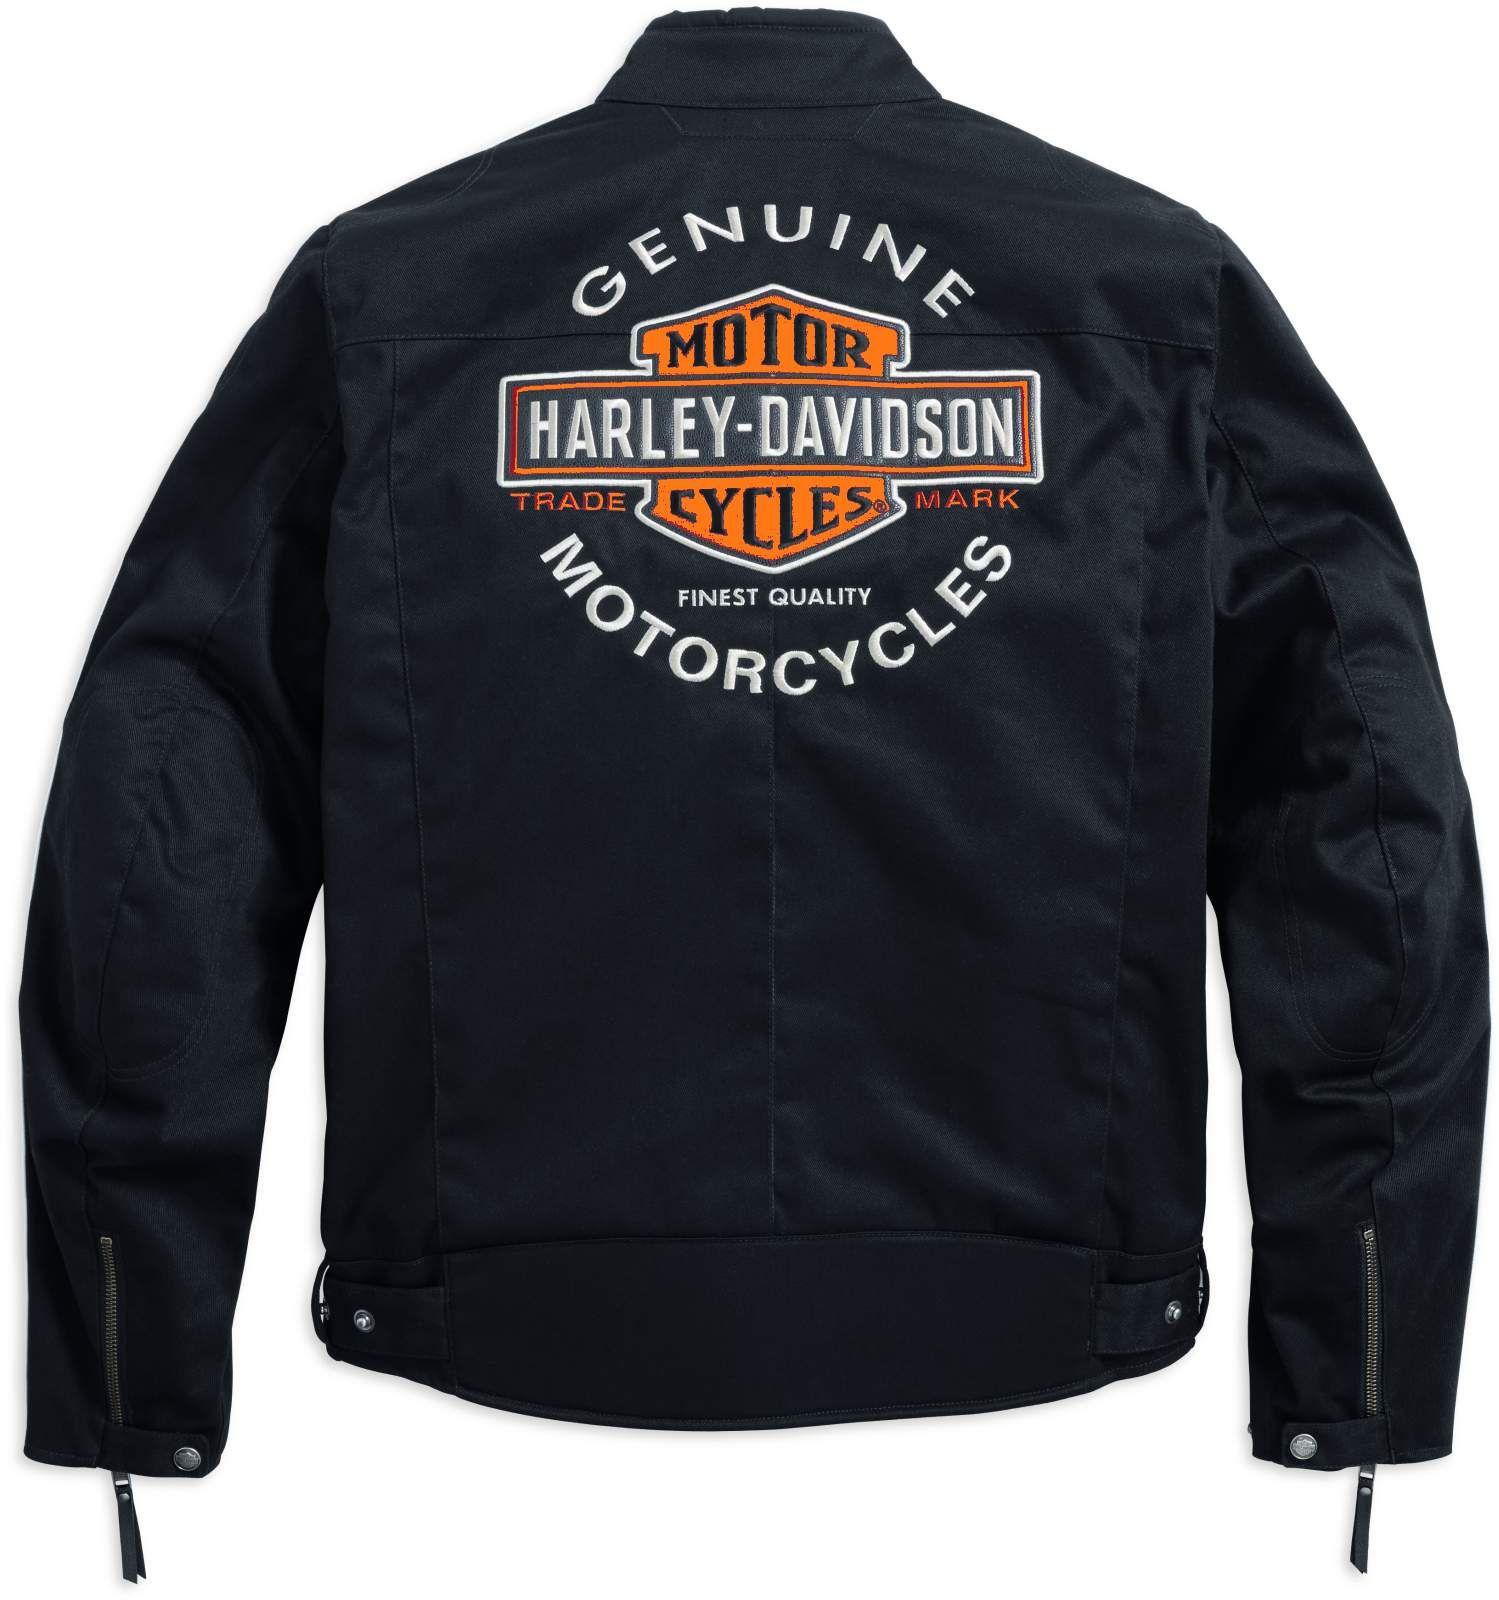 98163 17em harley davidson rally textile riding jacket at. Black Bedroom Furniture Sets. Home Design Ideas